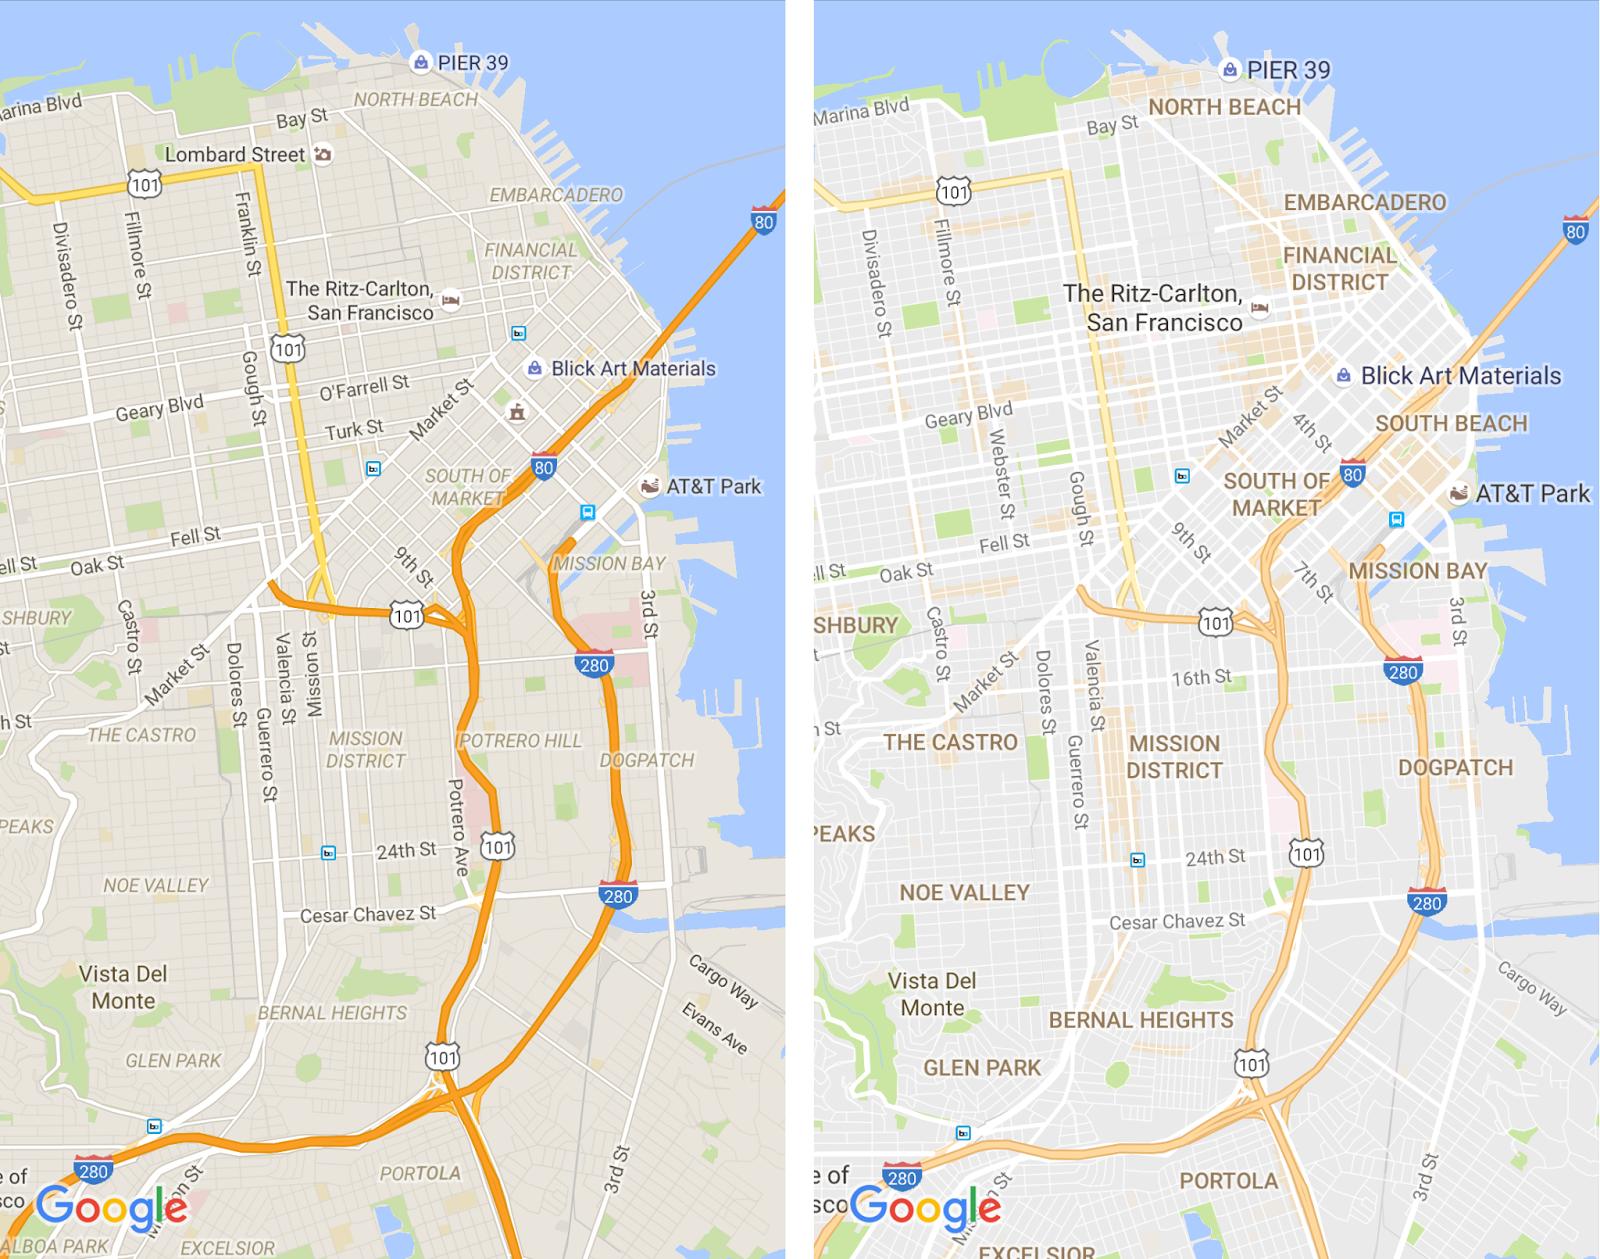 google-maps-visibilite-2016